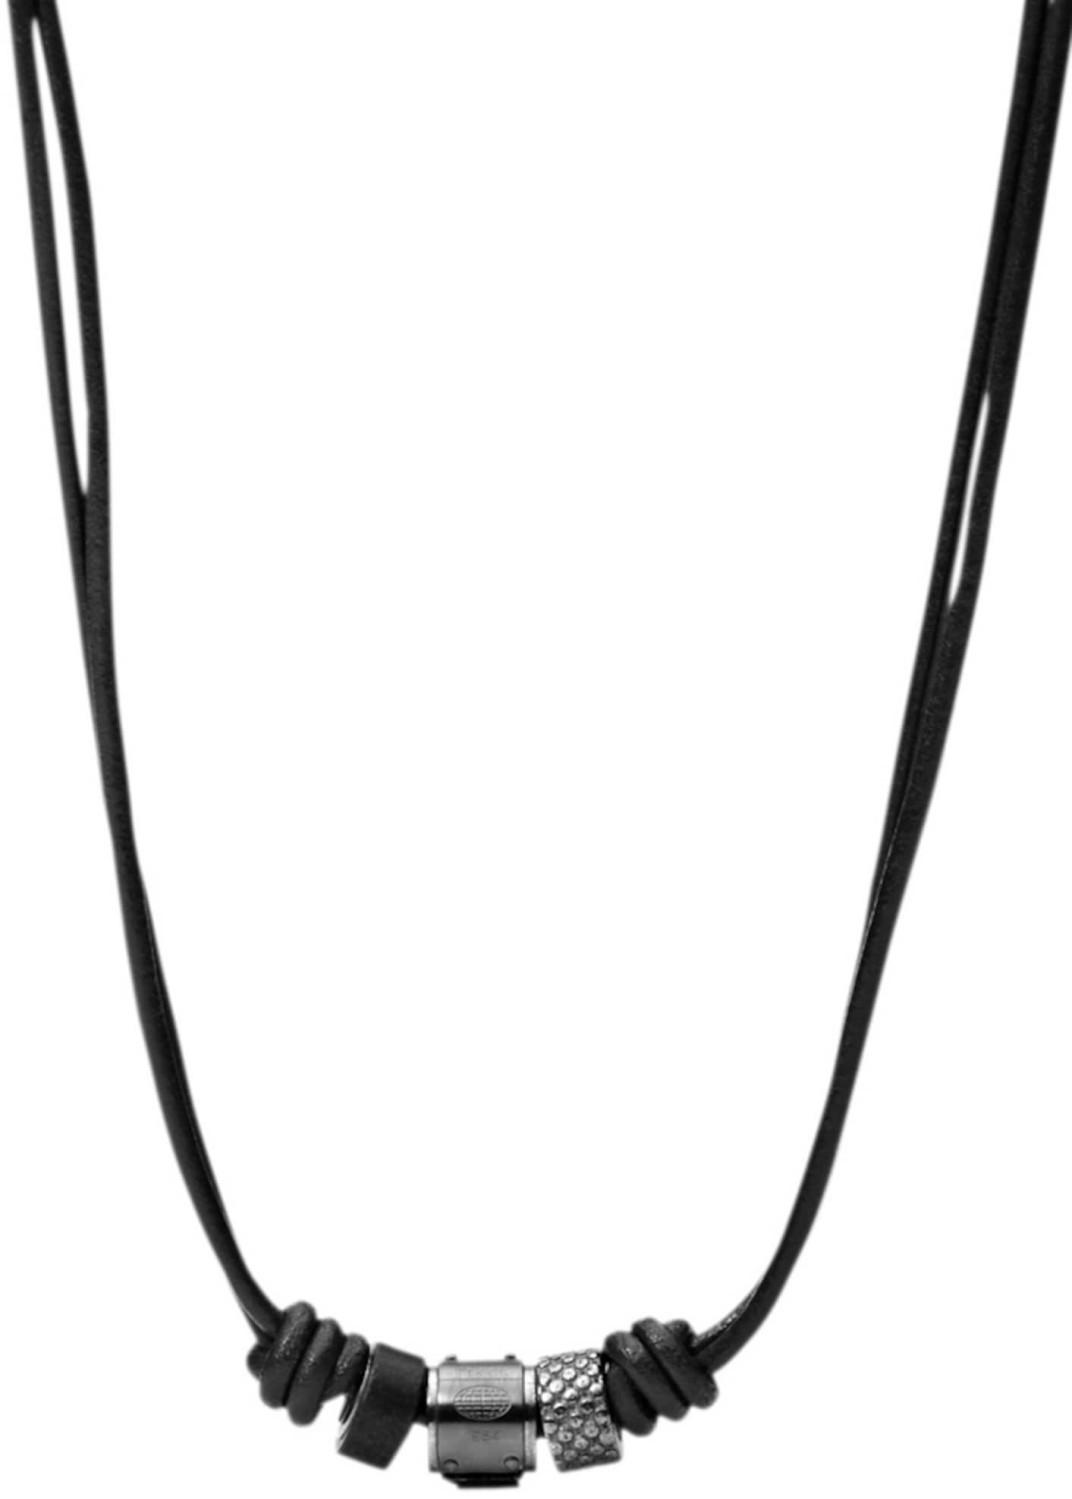 Fossil Lederkette (JF00501)